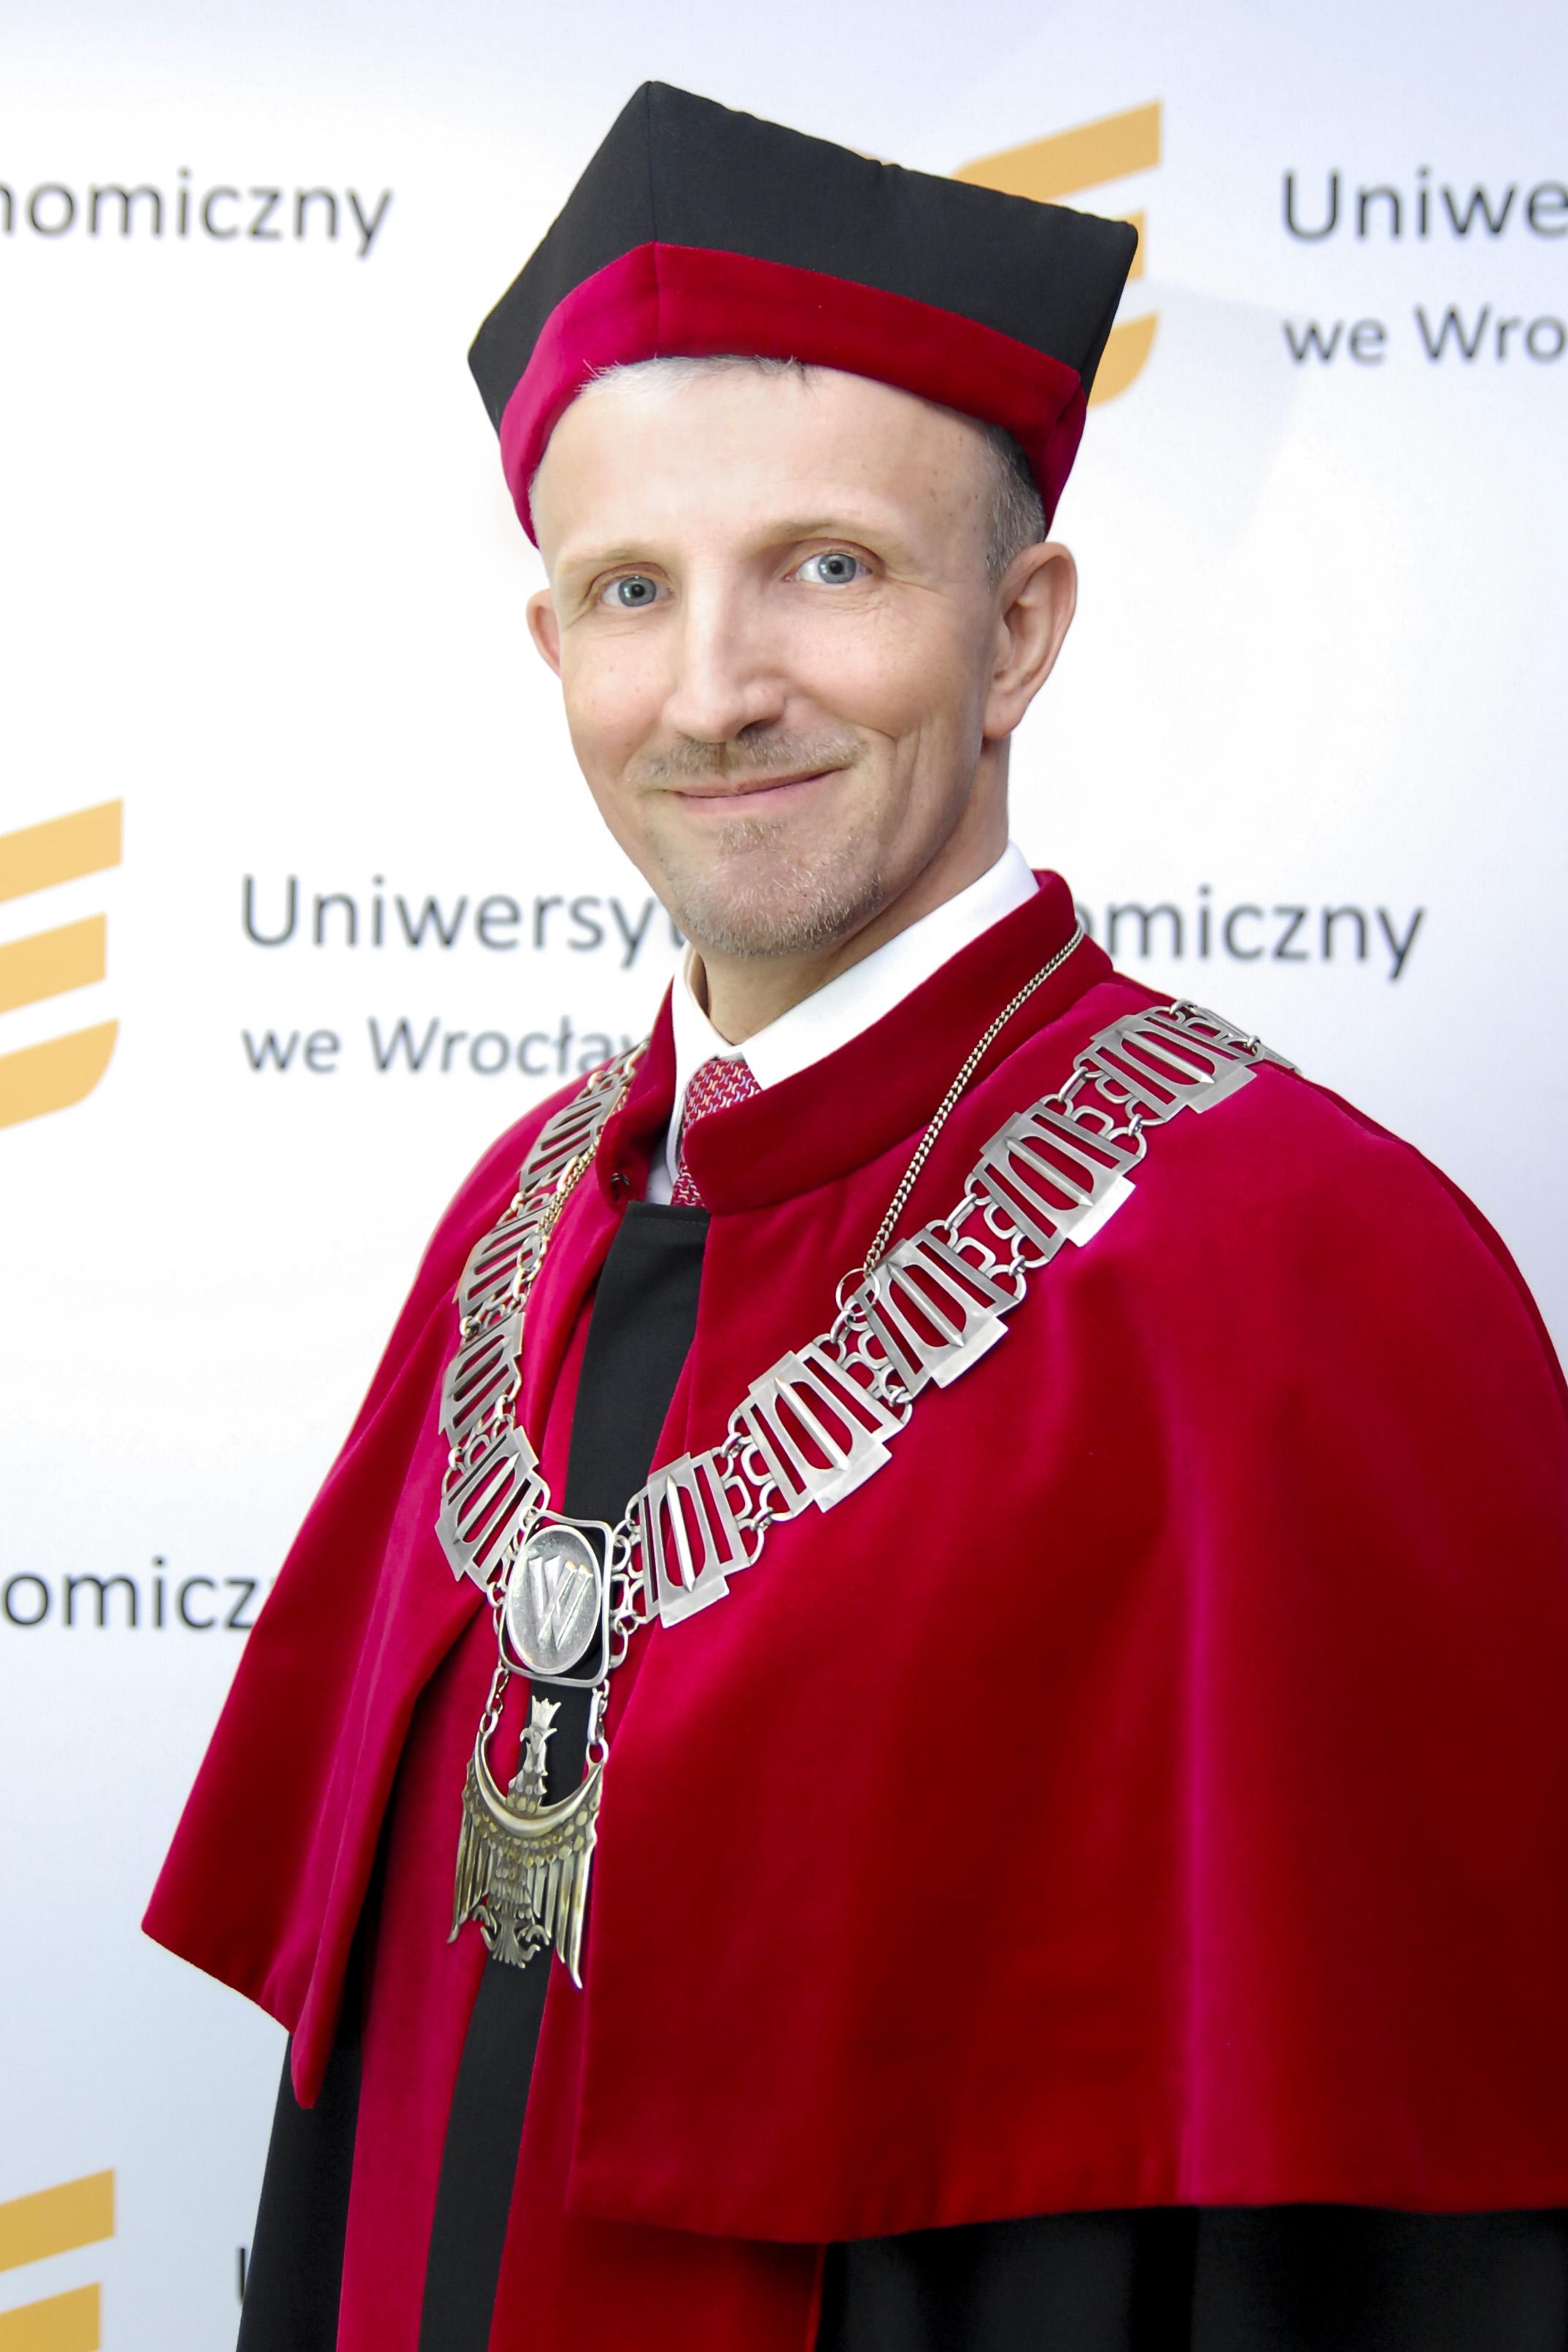 prof_rektor_jerzy_niemczyk